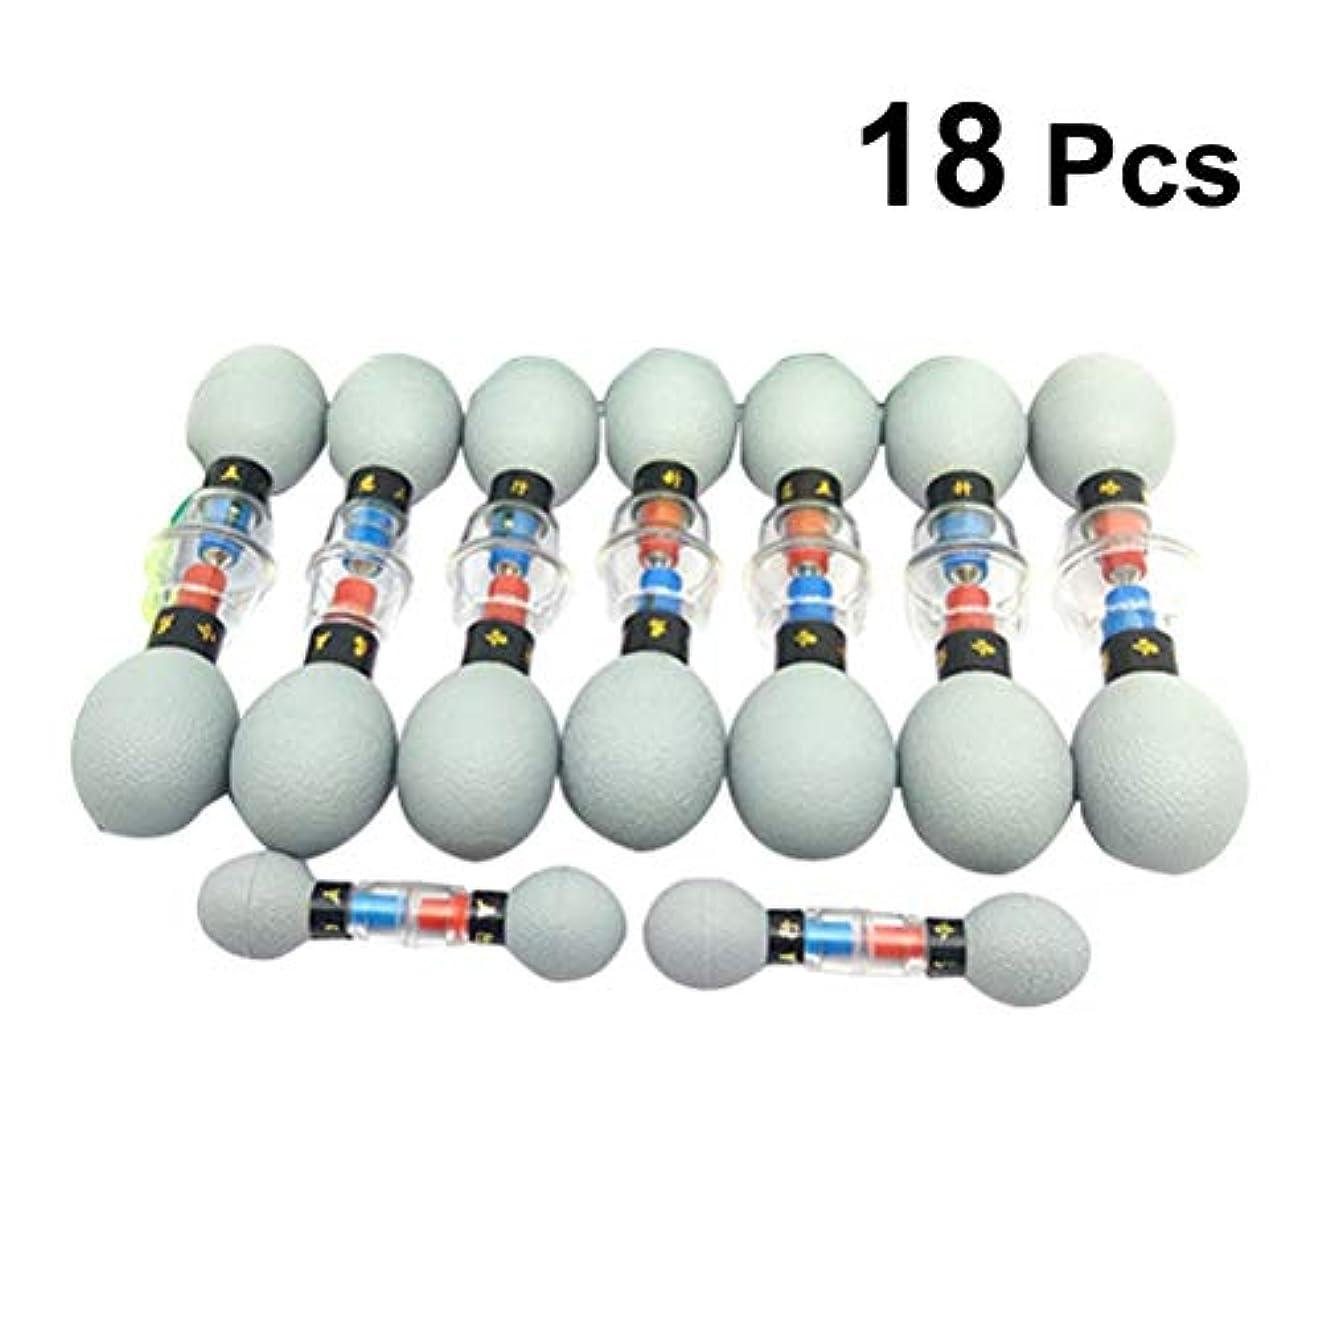 シーズンラジウム輝度HEALLILY生体磁気中国カッピングセラピーカップ鍼マッサージカッピングセラピーセット18ピース